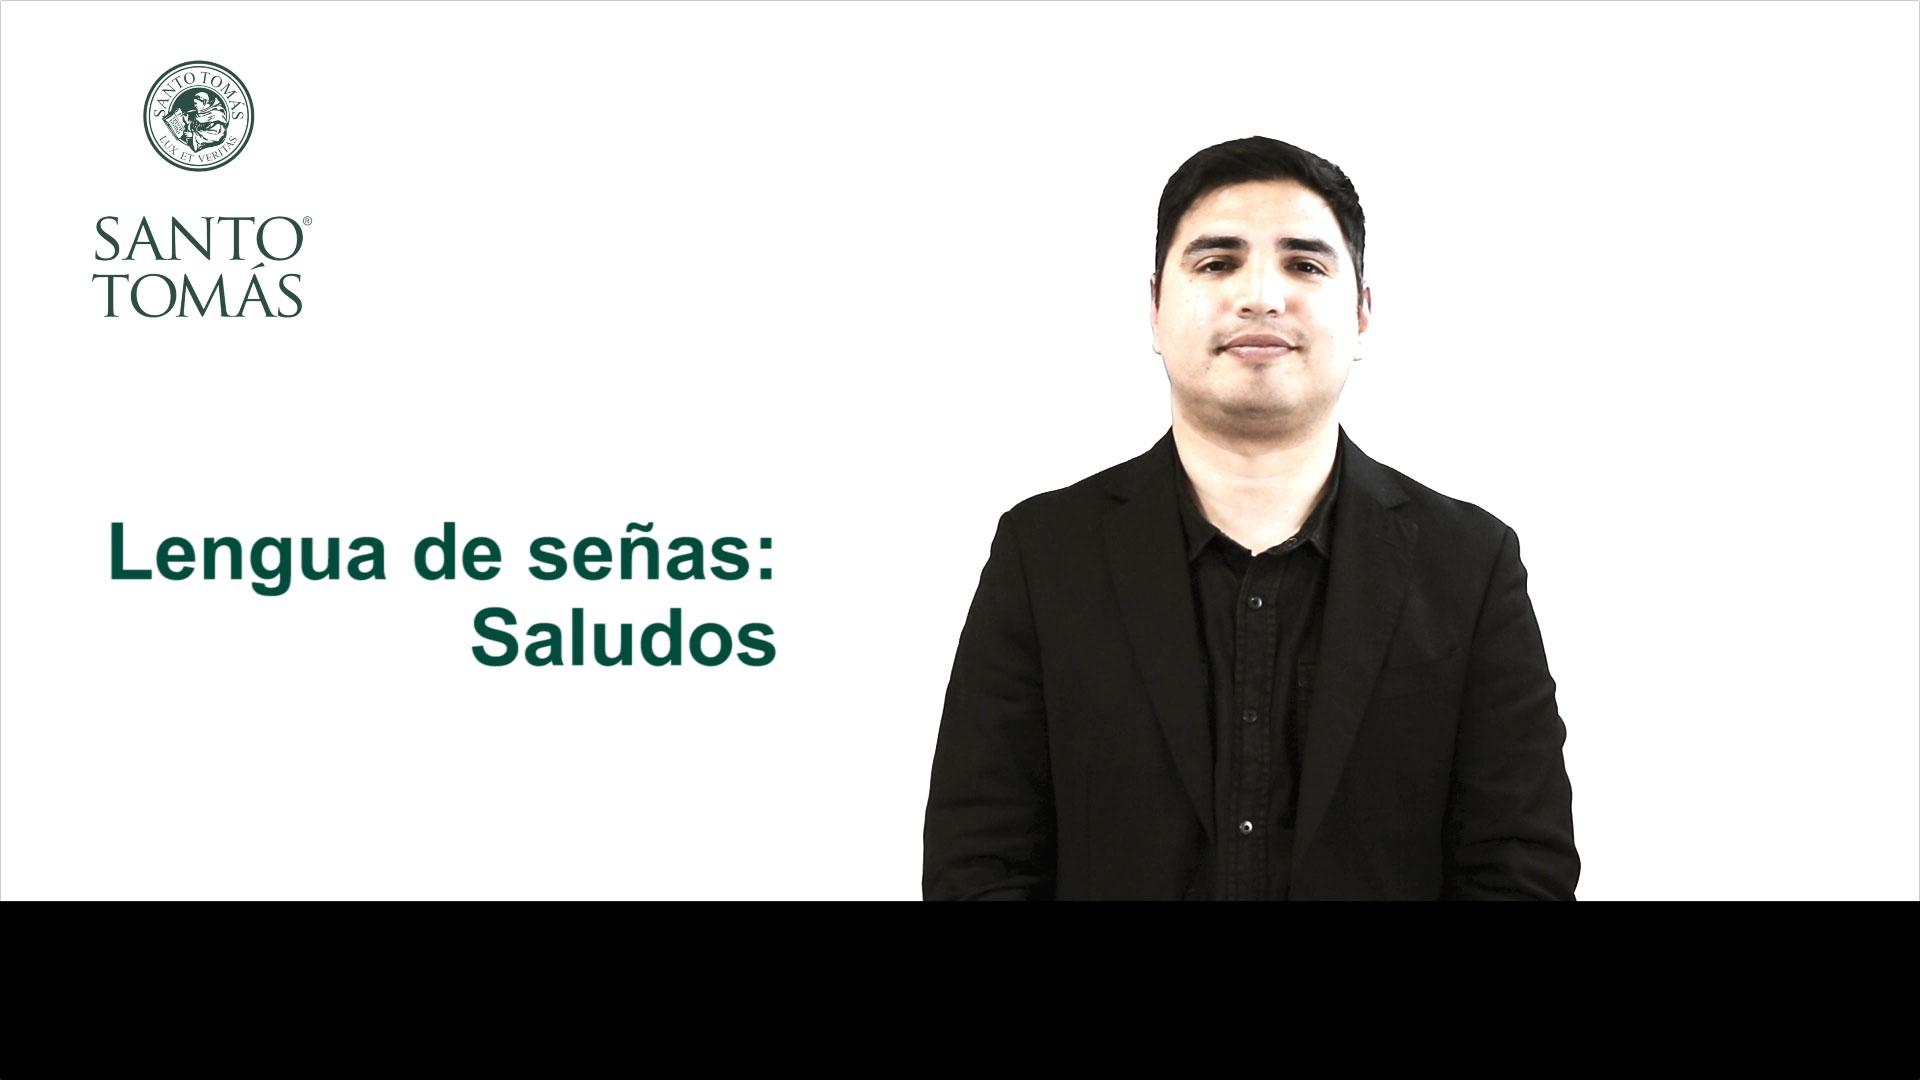 santo-tomas-lengua-de-señas-captura-video-01